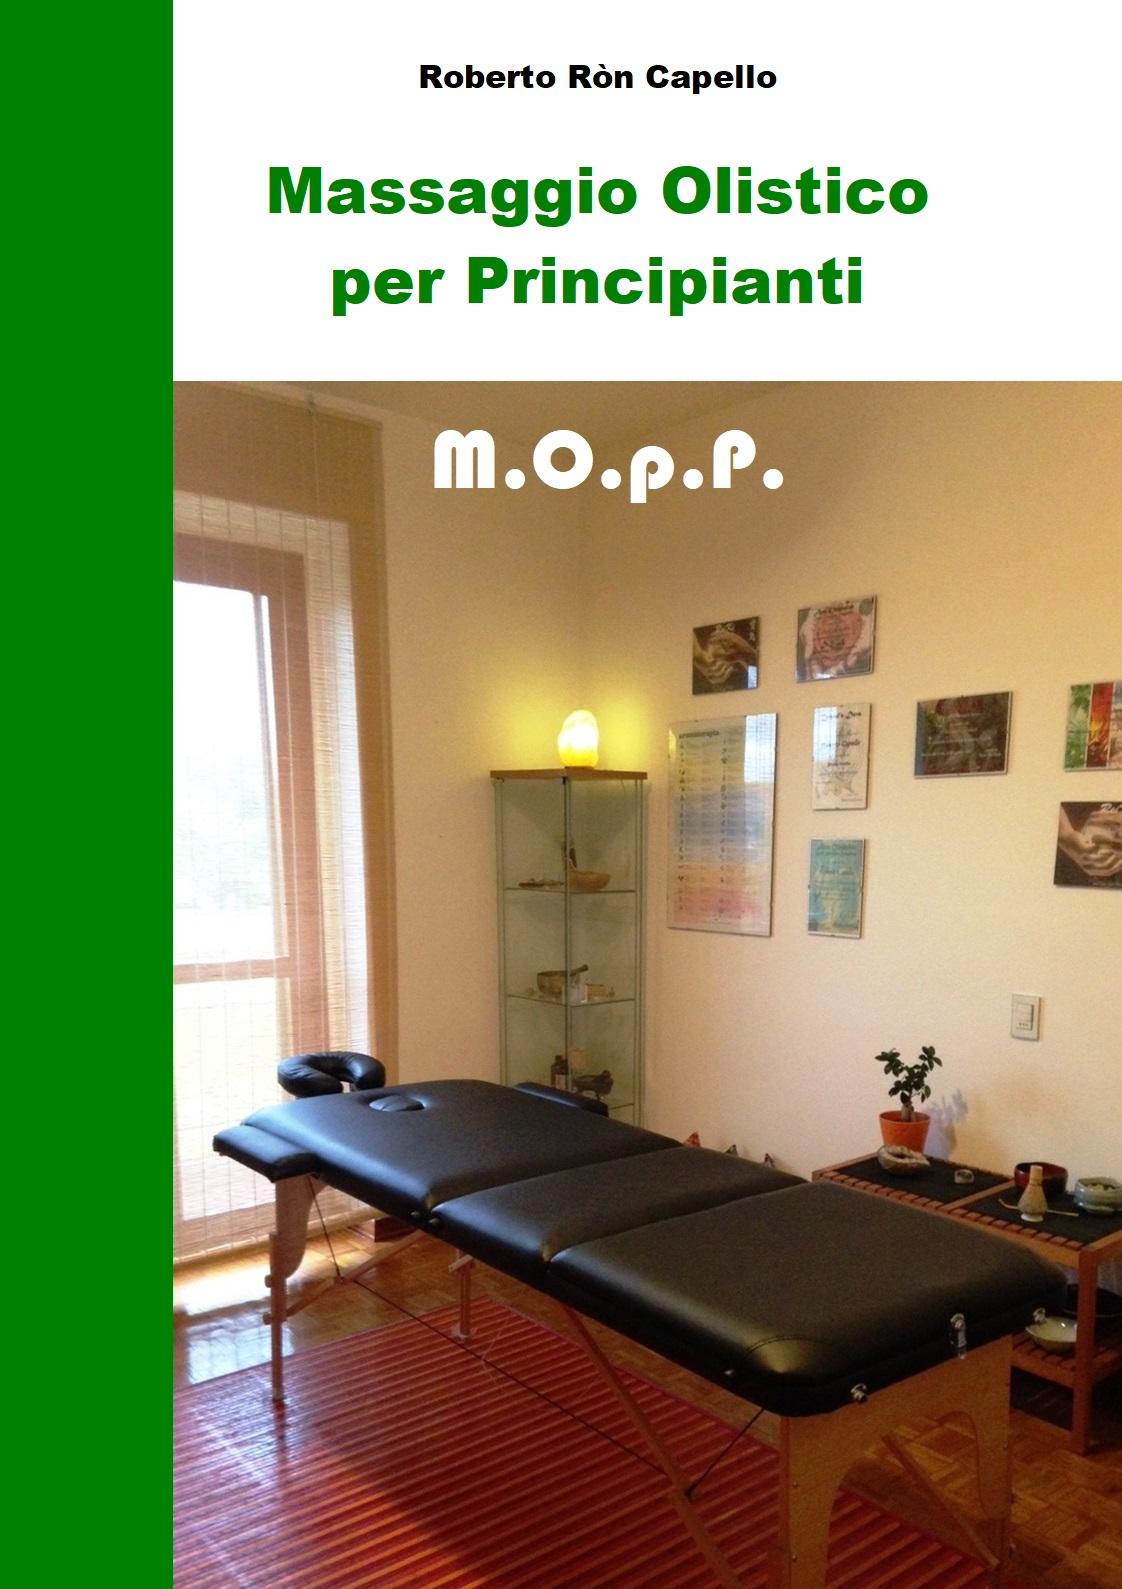 Massaggio olistico p...